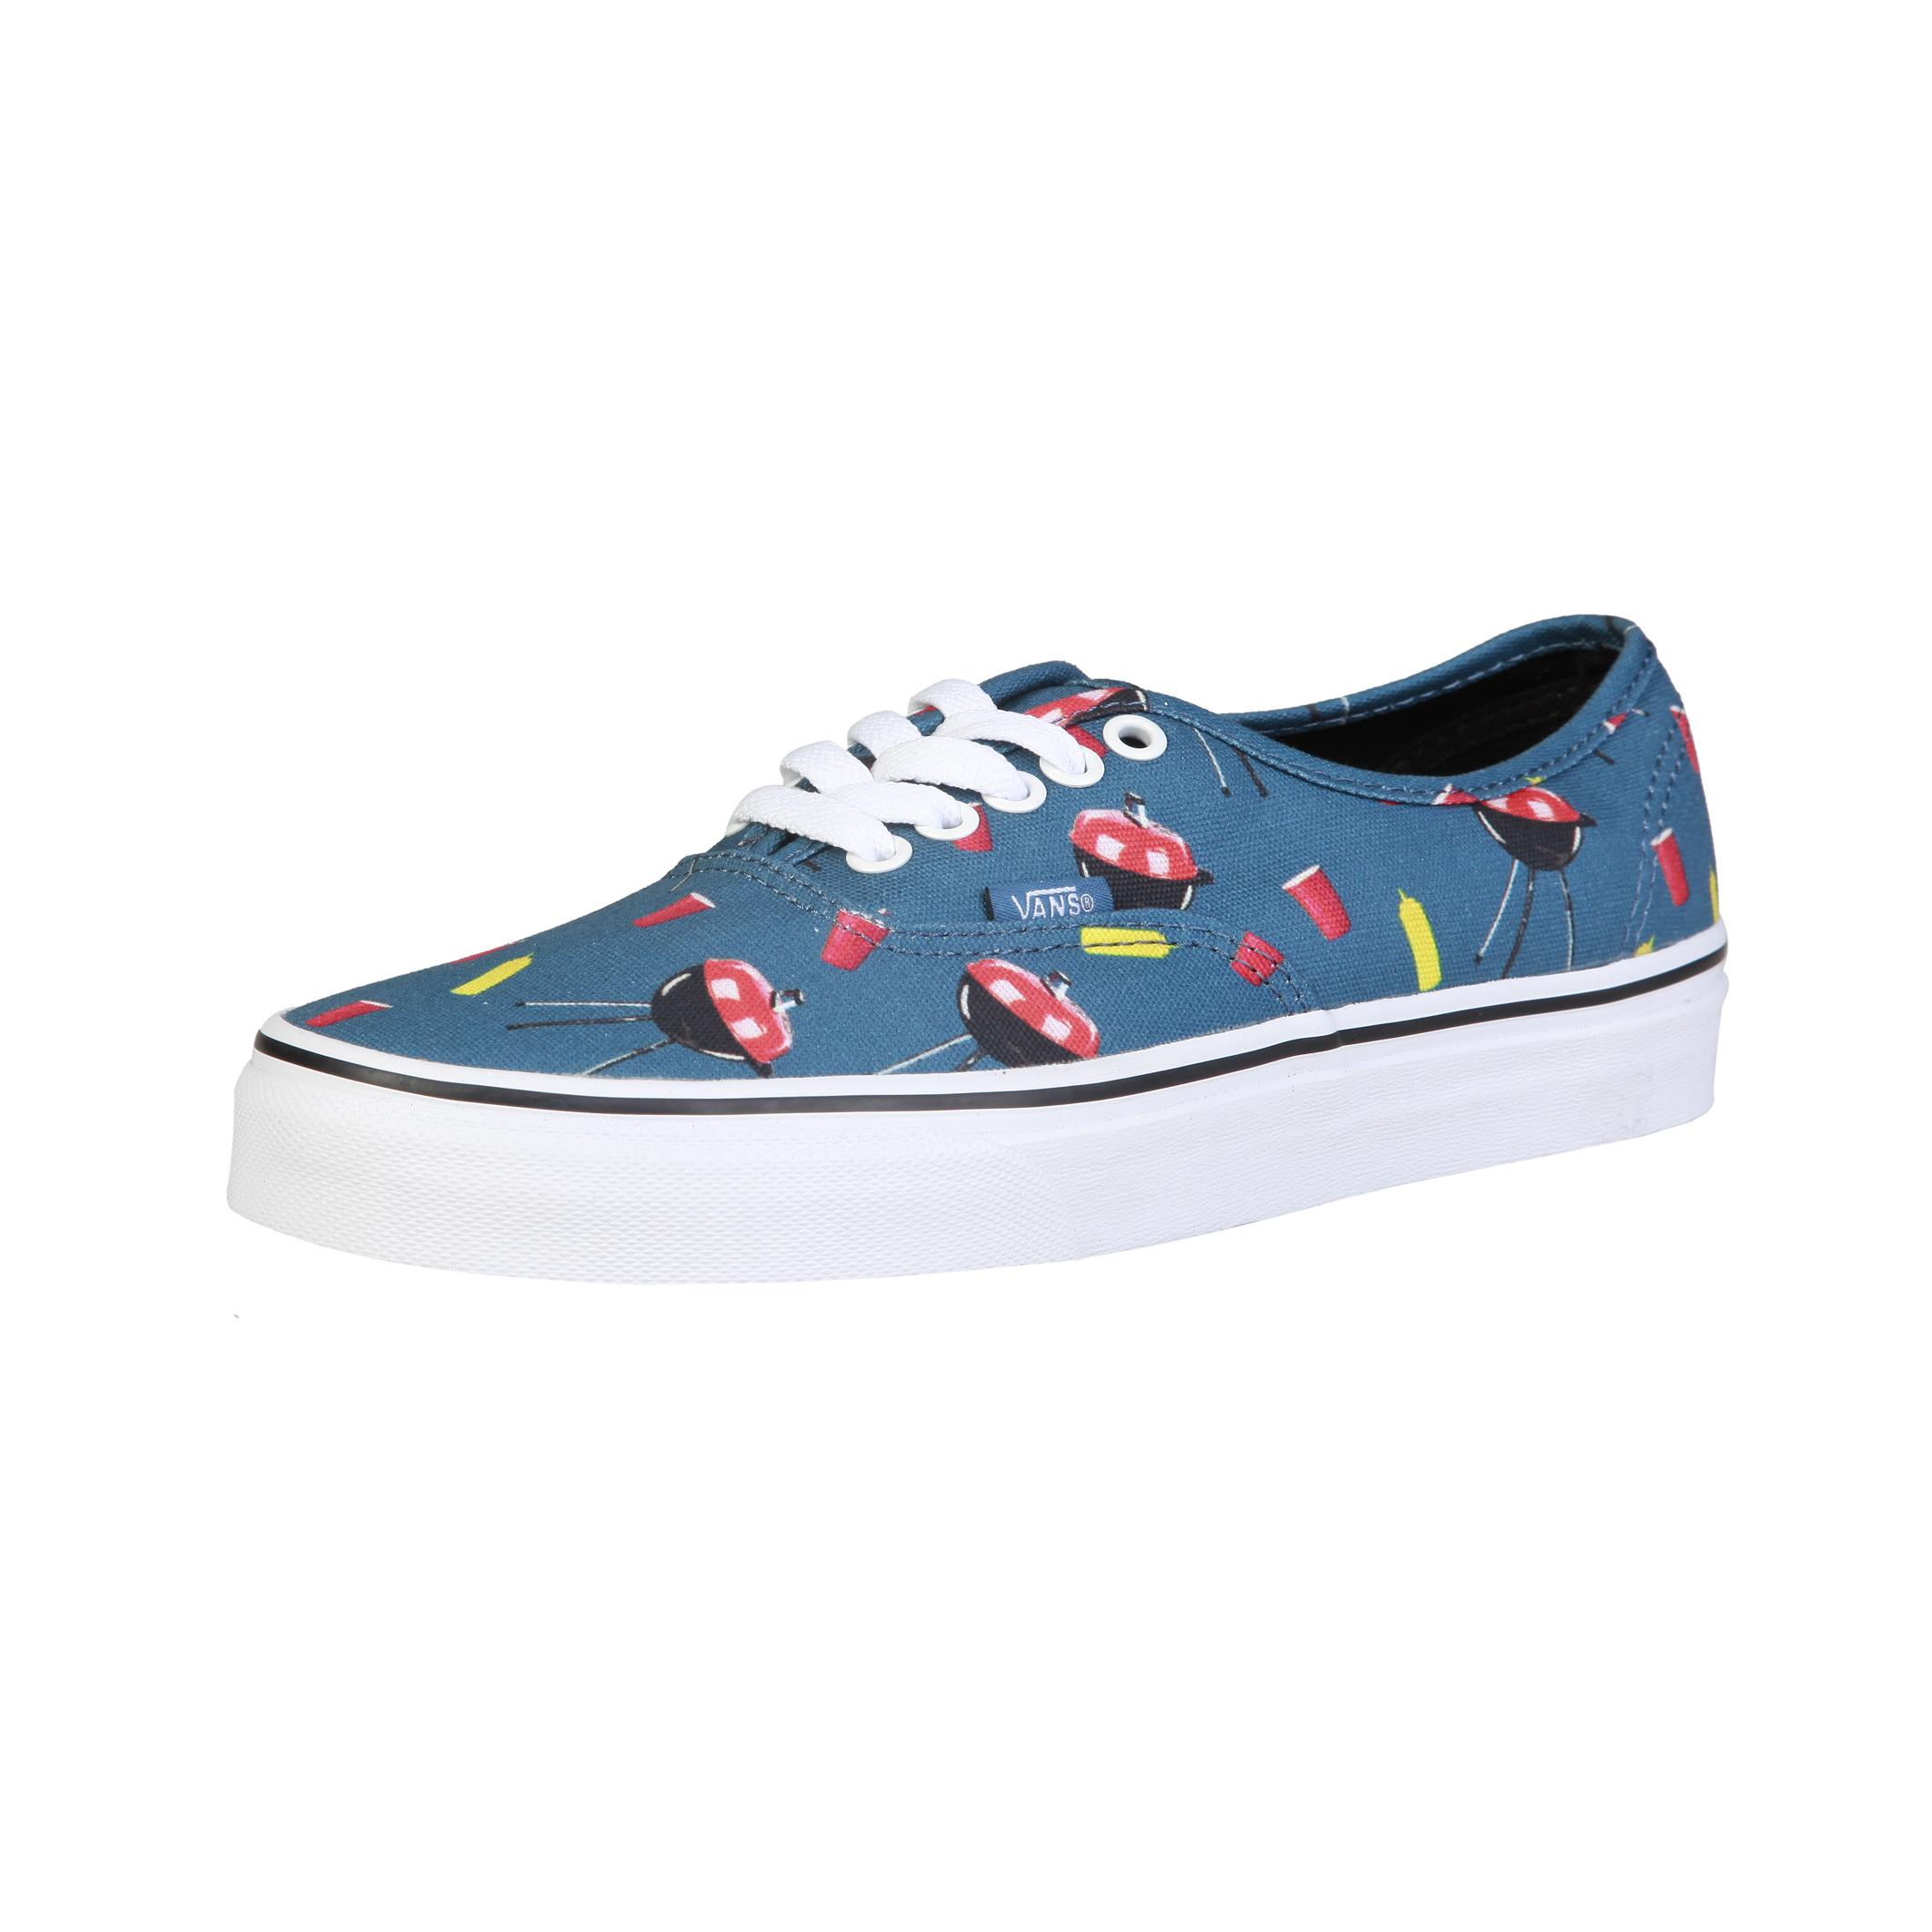 Vans AUTHENTIC Unisex Damen Herren Schuhe Sneaker Low-Top ... 48159745cd